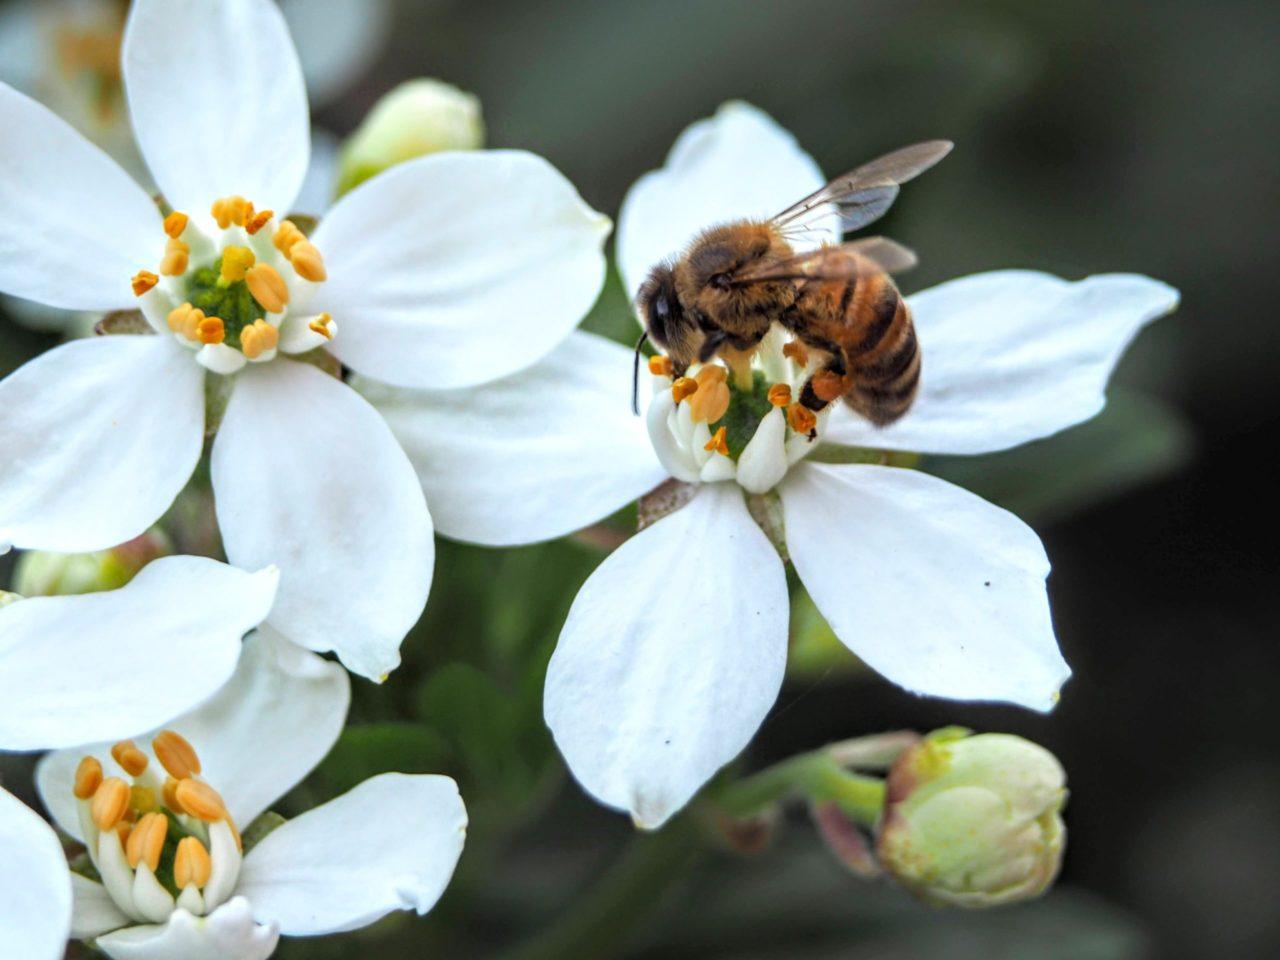 Datos curiosos acerca de las abejas y por qué es tan importante cuidarlas